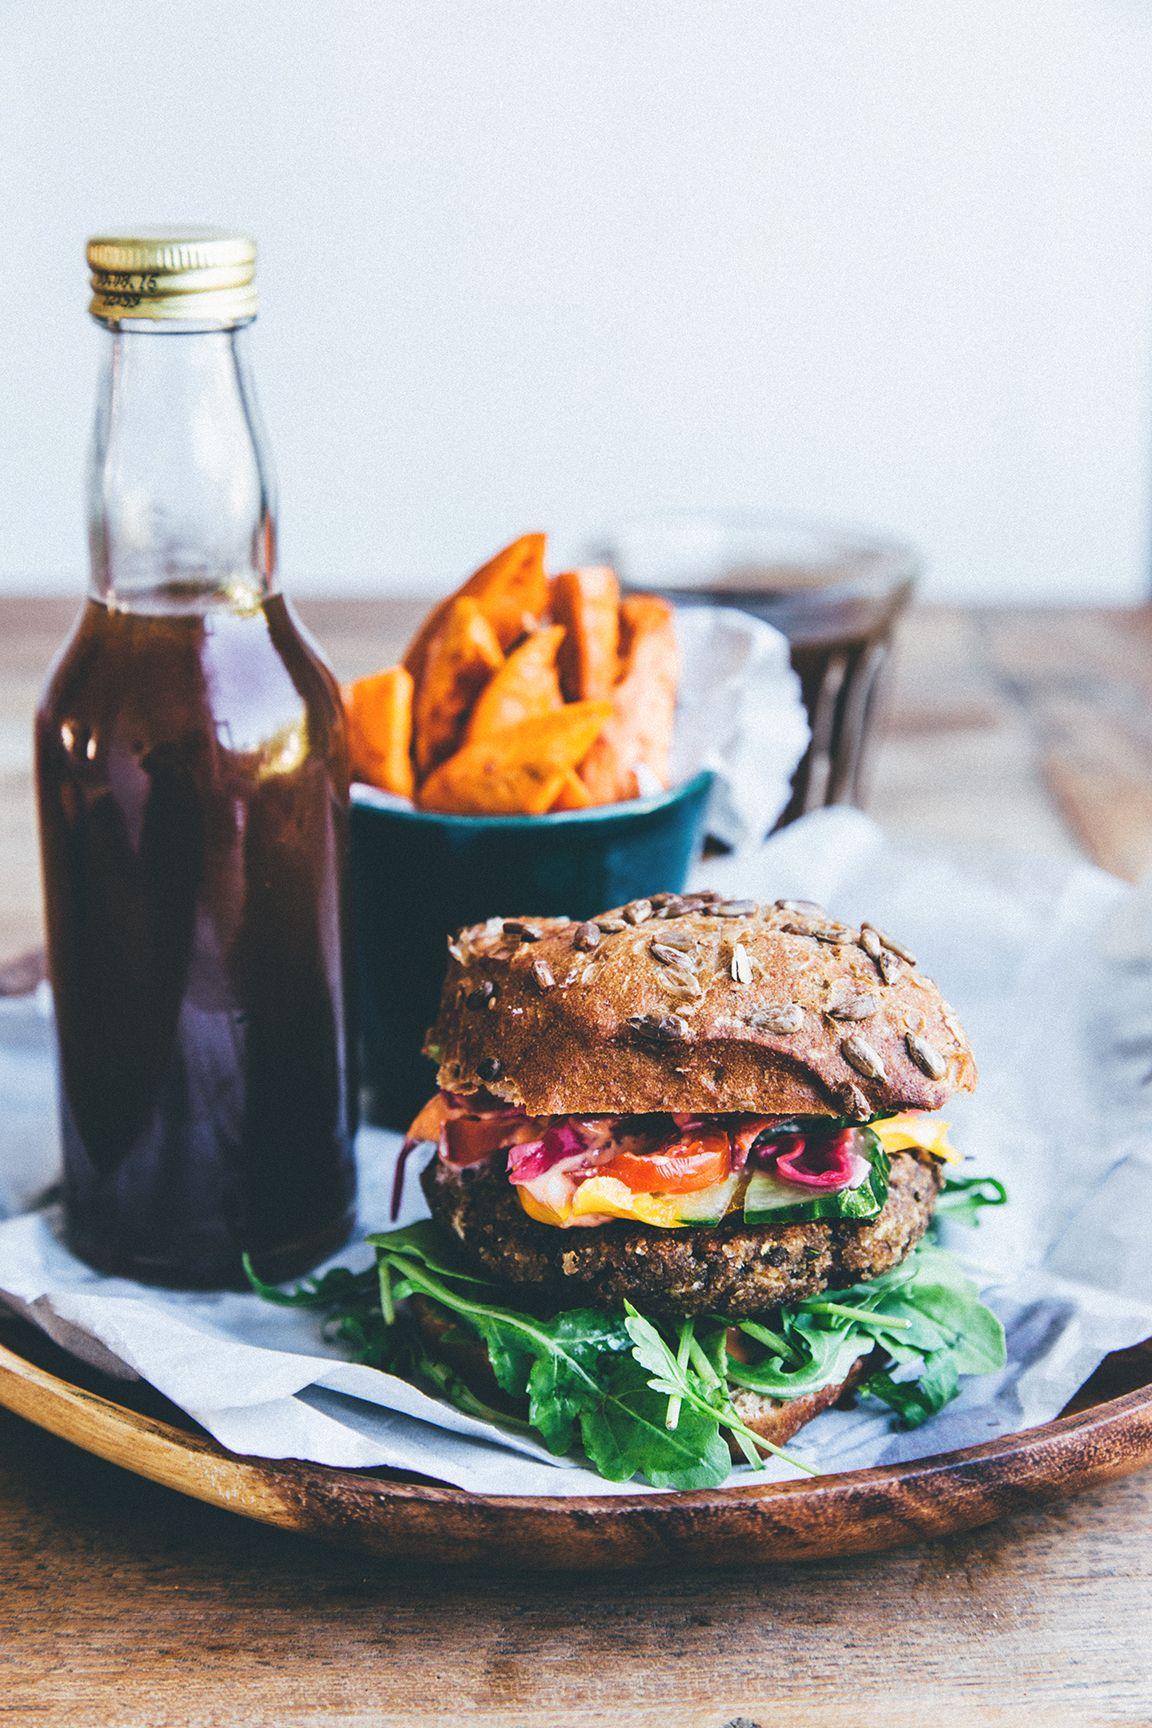 les 25 meilleures id es de la cat gorie recipe for veggie burgers sur pinterest recettes. Black Bedroom Furniture Sets. Home Design Ideas